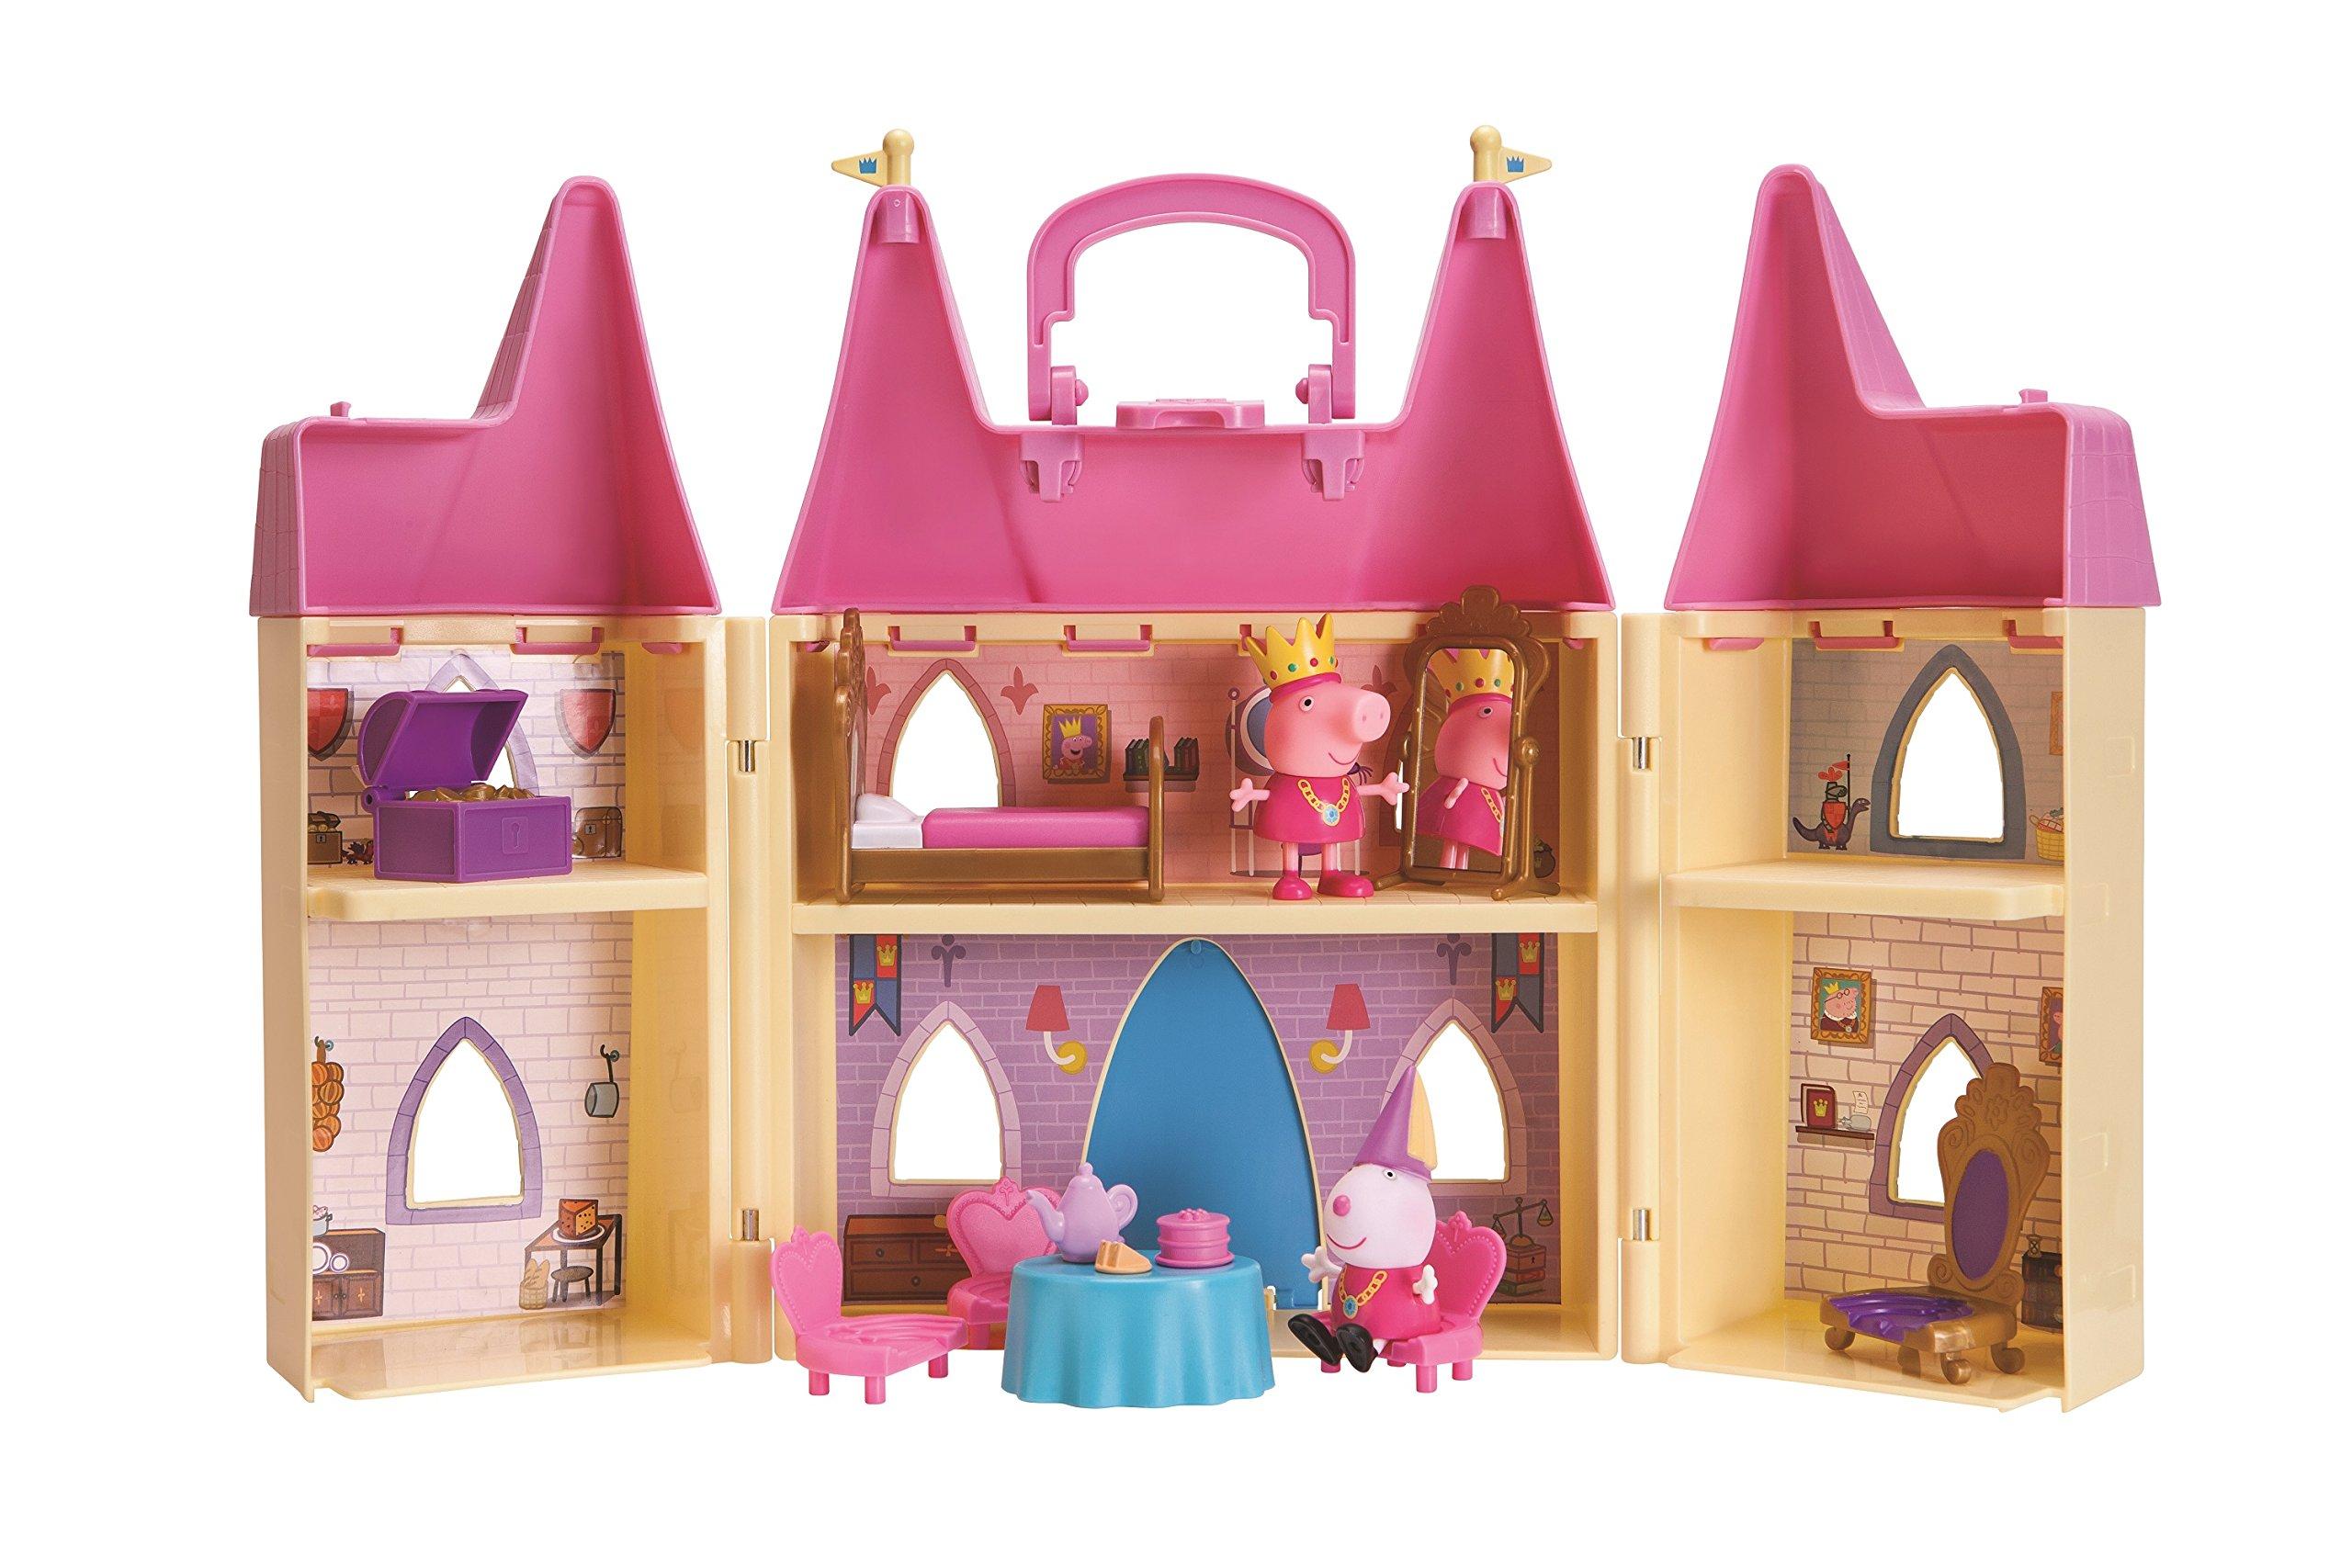 Peppa Pig Peppa's Princess Castle Deluxe Playset by Peppa Pig